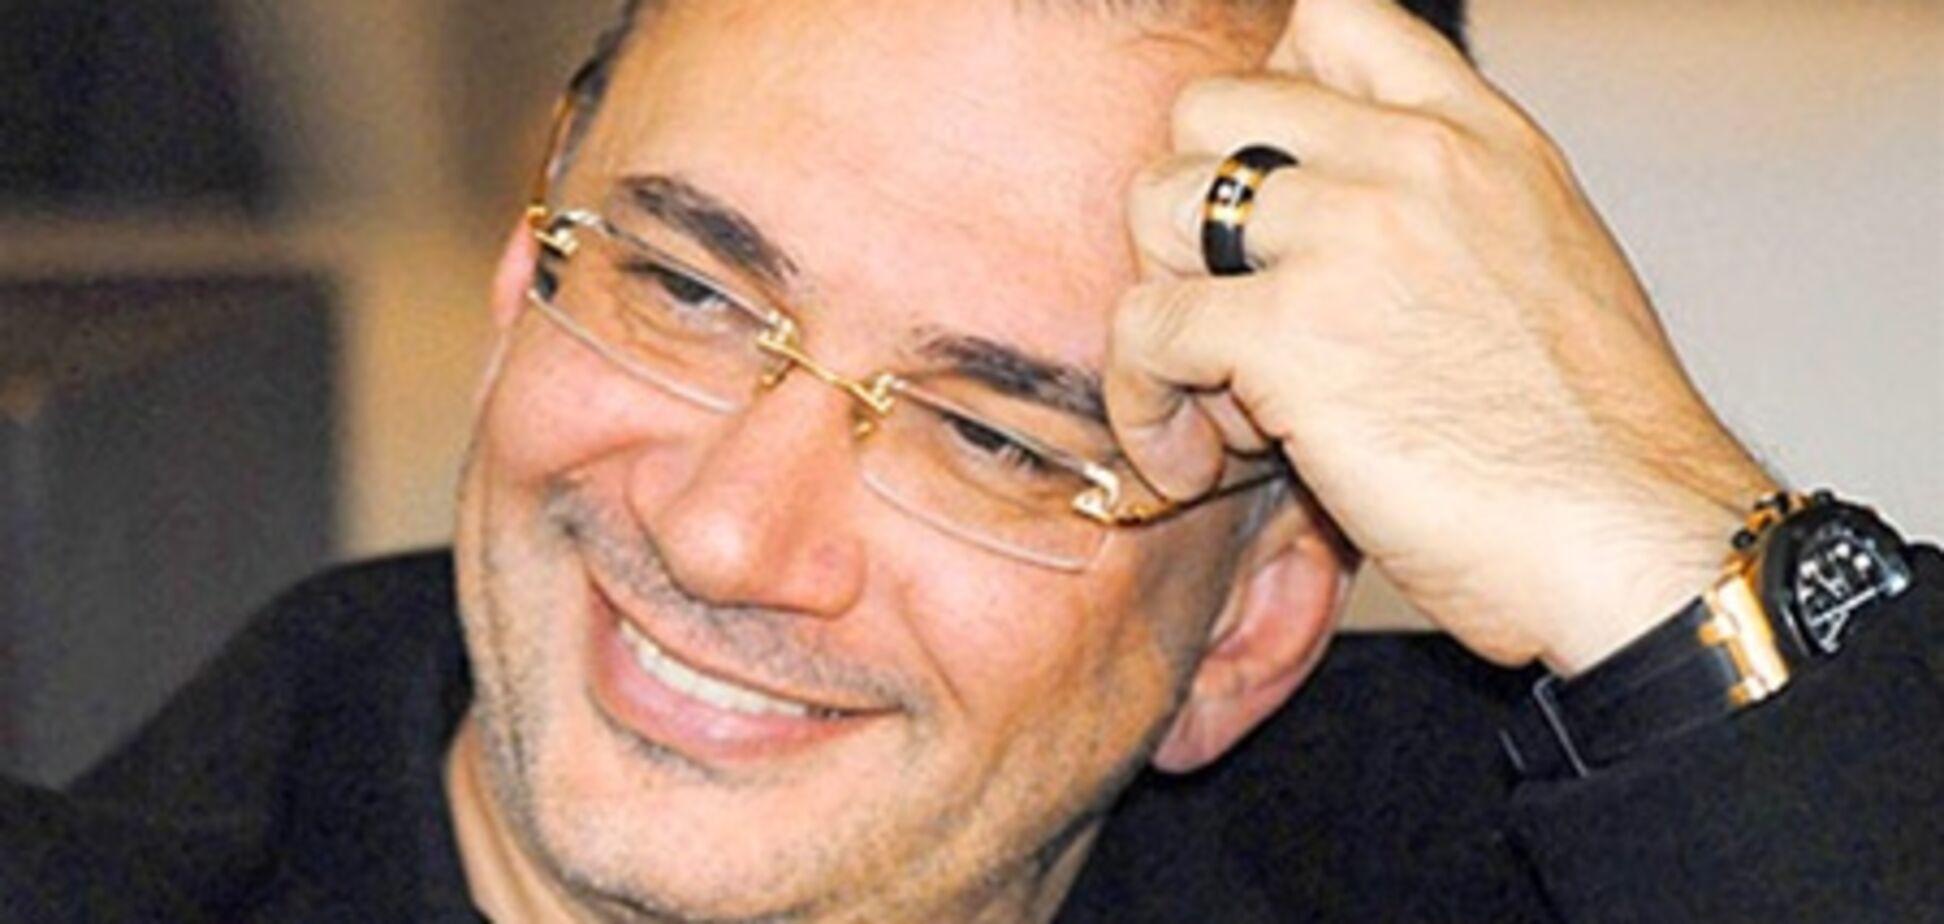 Меладзе редко улыбается и сомневается в своей одаренности